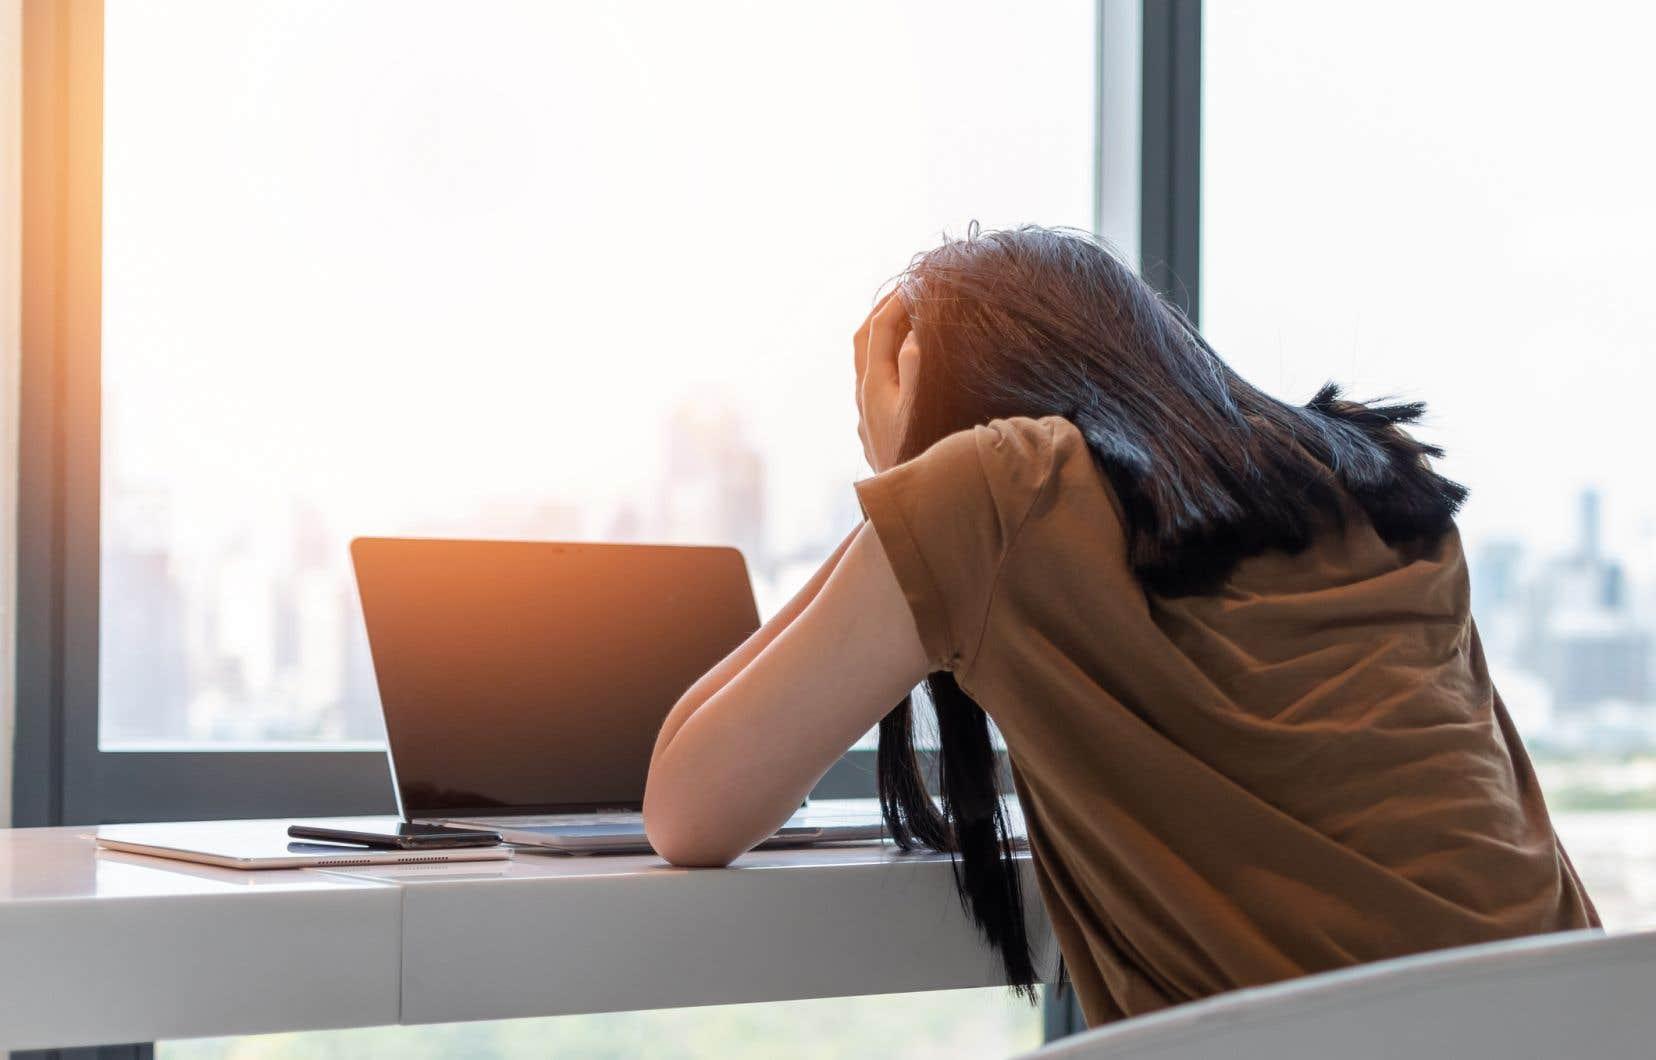 Une récente étude ontarienne rapportait ainsi que 46% des étudiants se seraient déjà sentis déprimés au point d'avoir de la difficulté à fonctionner, contre 40% trois ans plus tôt.